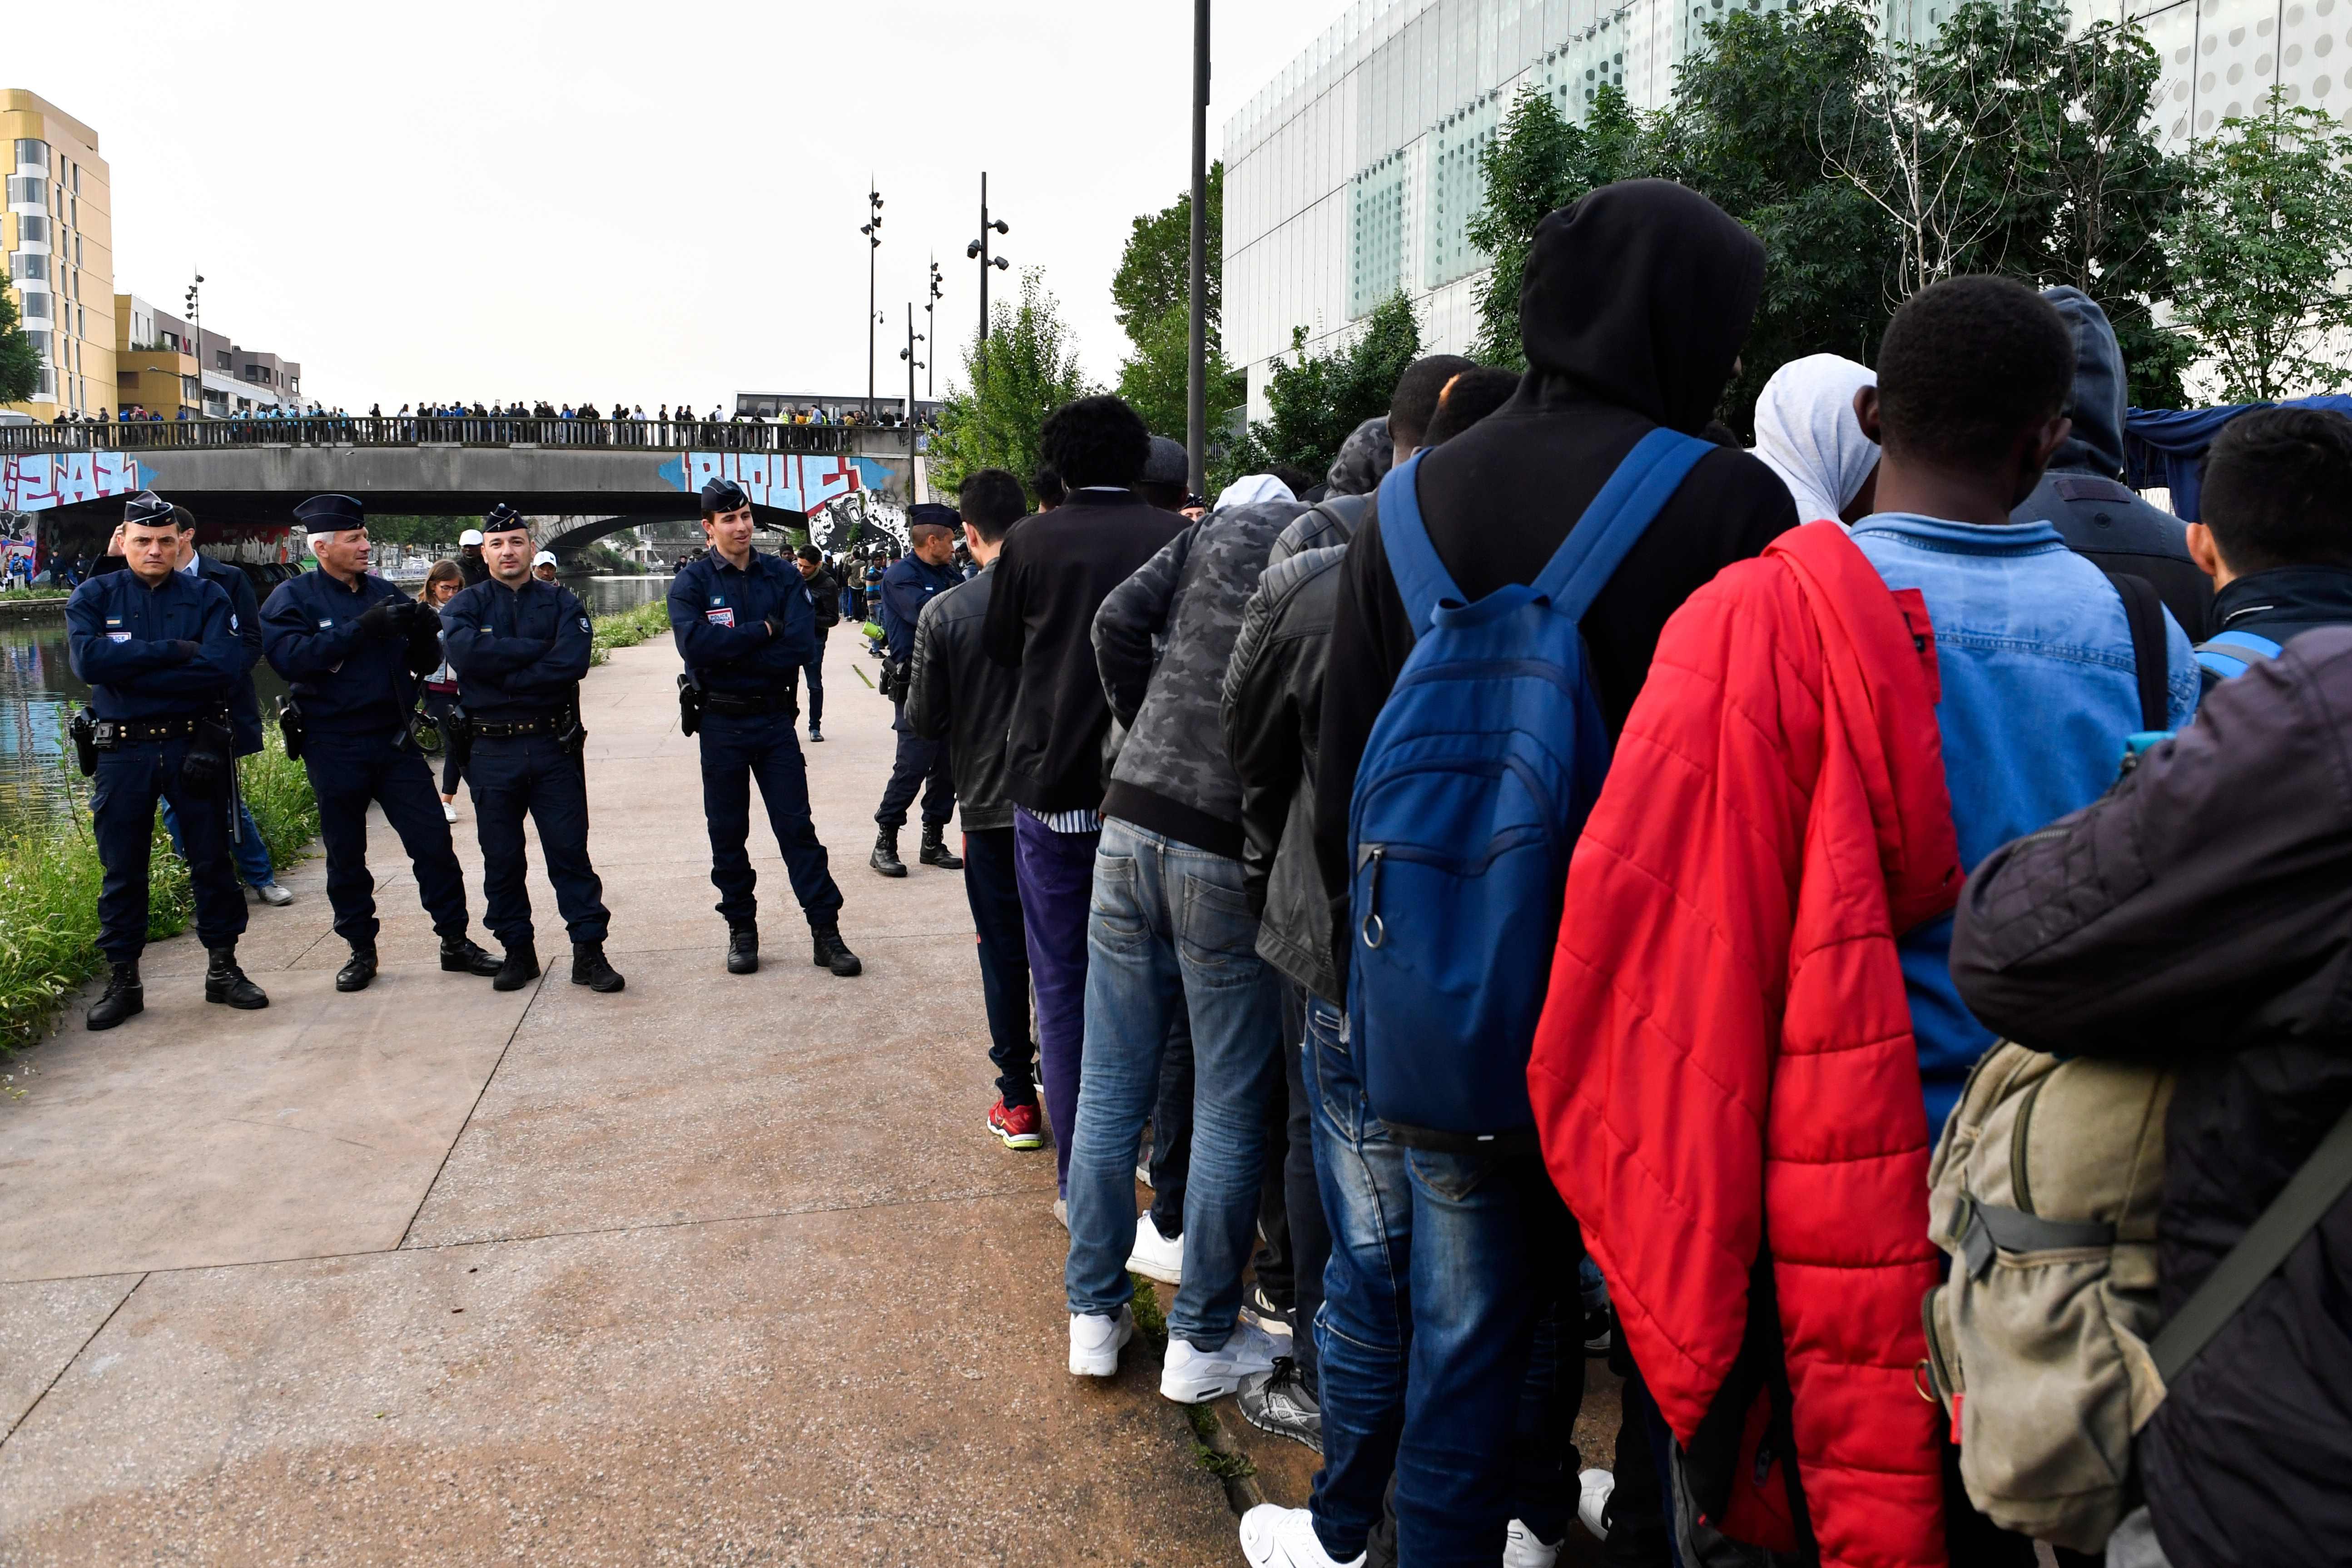 اصطفاف المهاجرين عقب اخلائهم من مخيمات بباريس